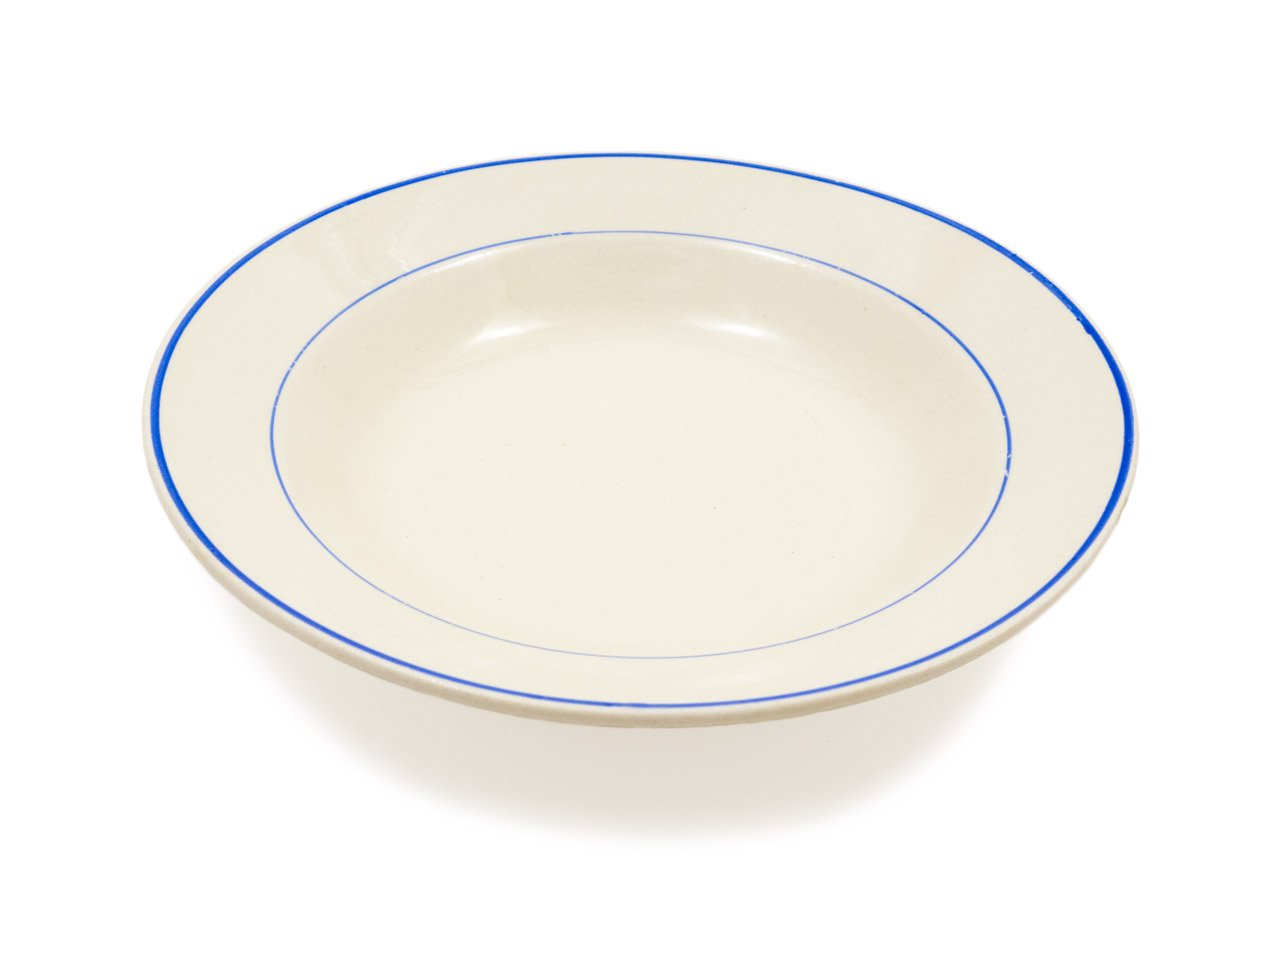 ARABIA ブルーライン スープ皿 04